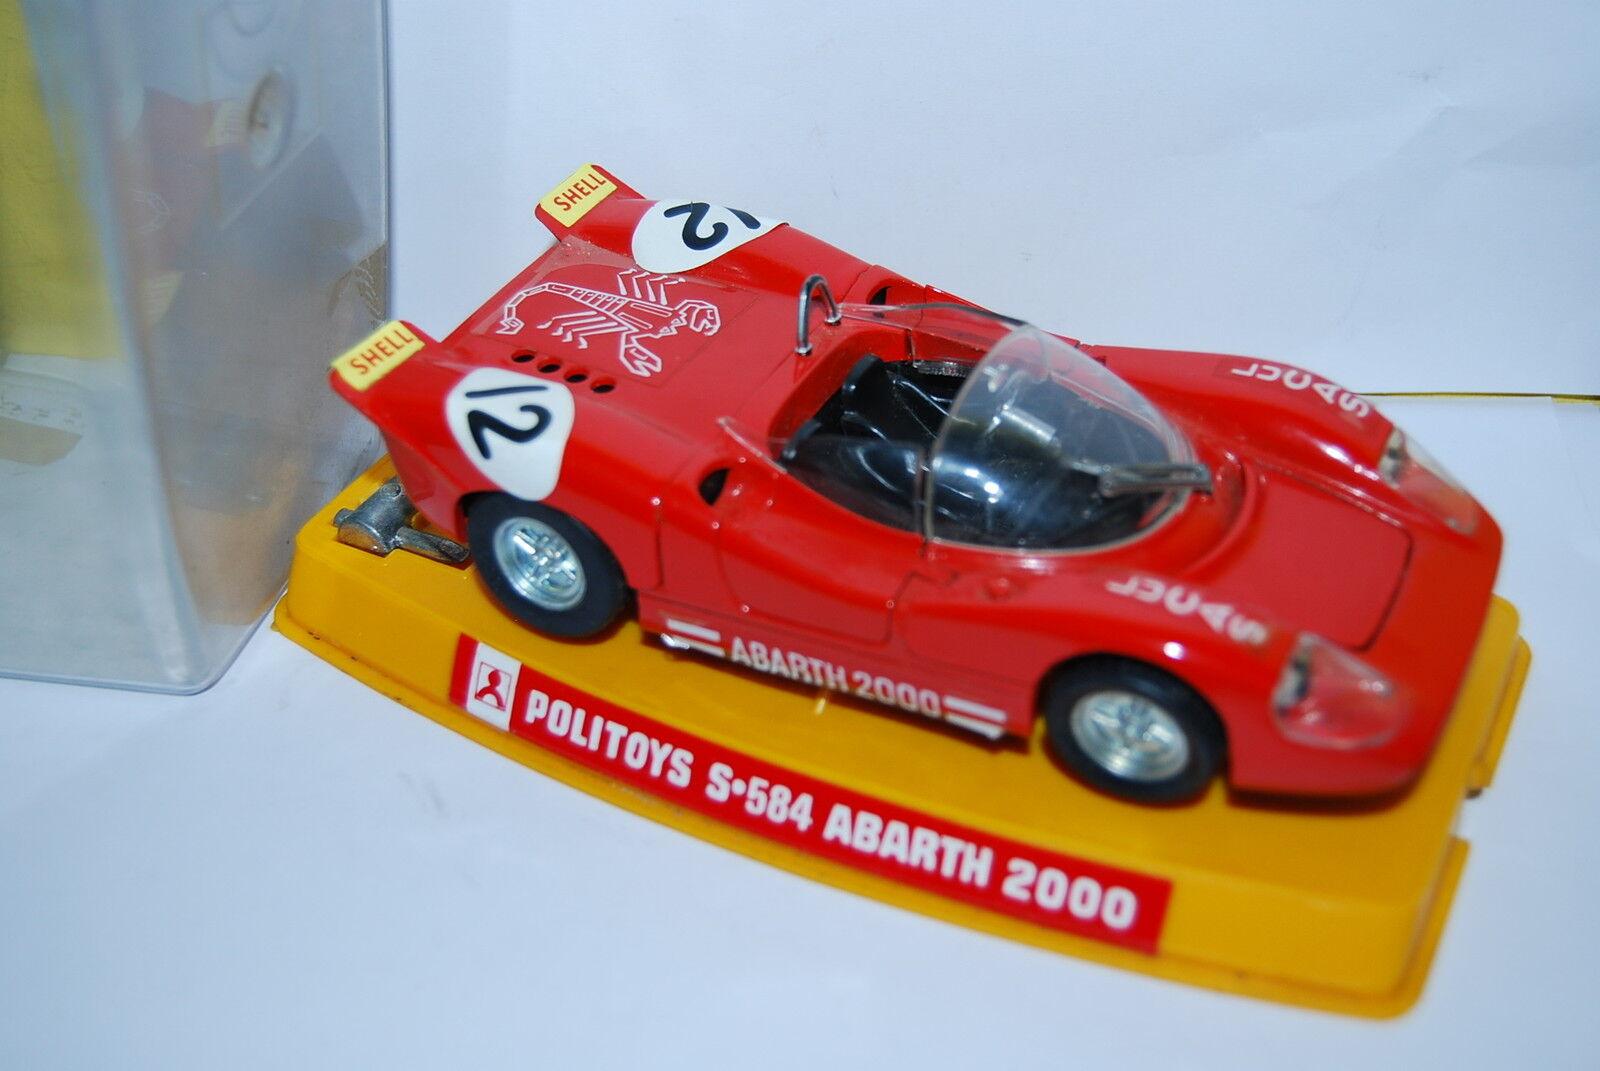 POLITOYS S.584 ABARTH 2000 SCALE SCALE SCALE 1 25 NEUVE BOITE NEW BOX 4bd07c